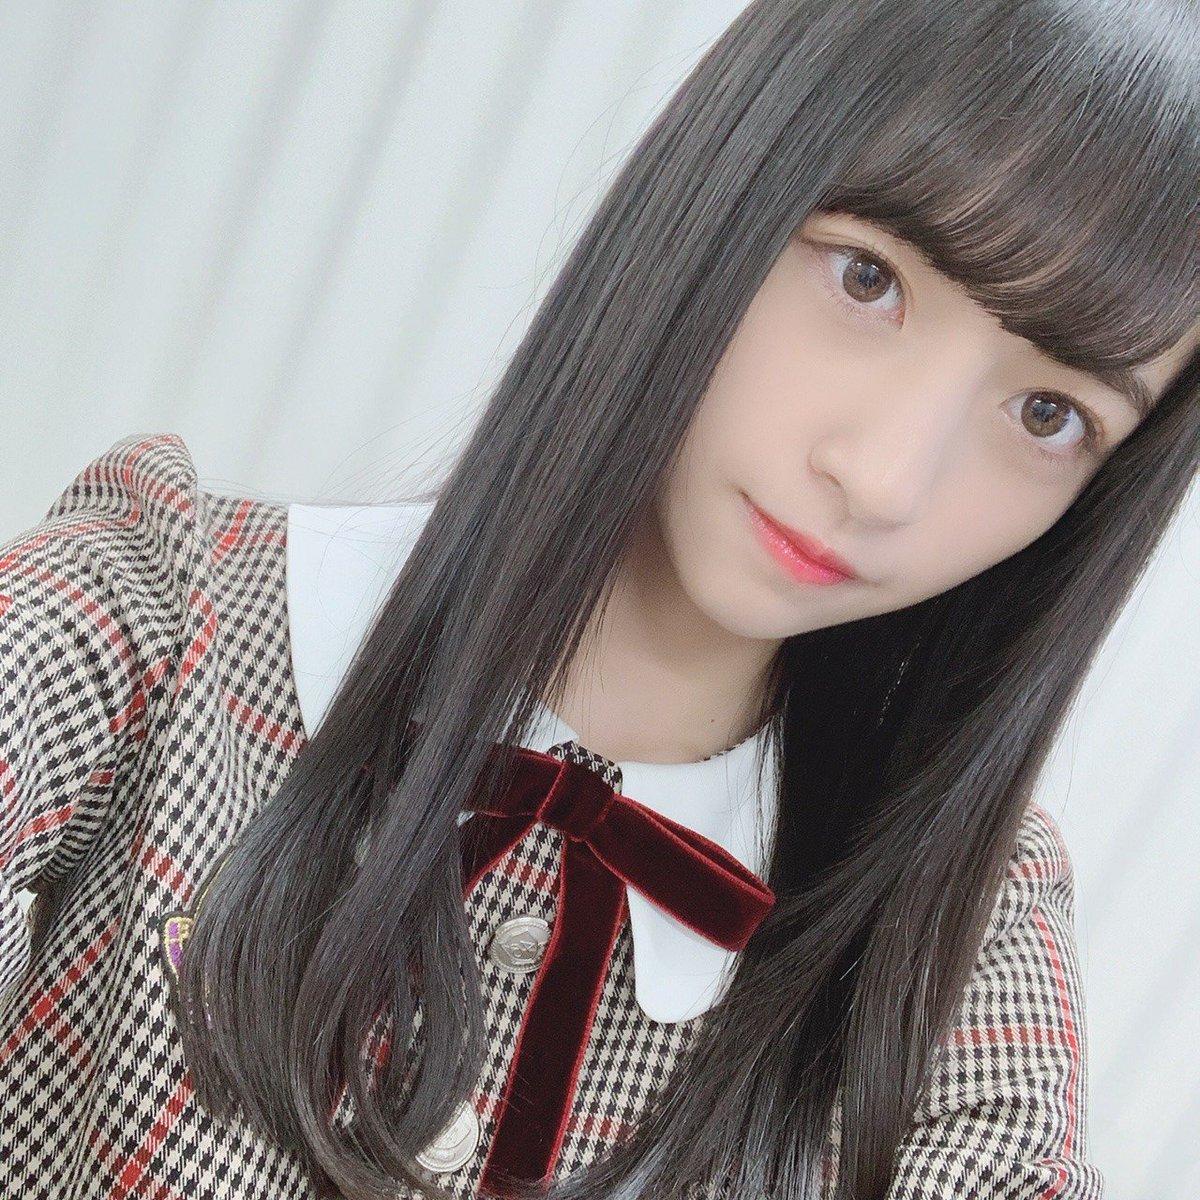 【ブログ更新 4期生】 初めまして!金川紗耶 dlvr.it/R4QhNf